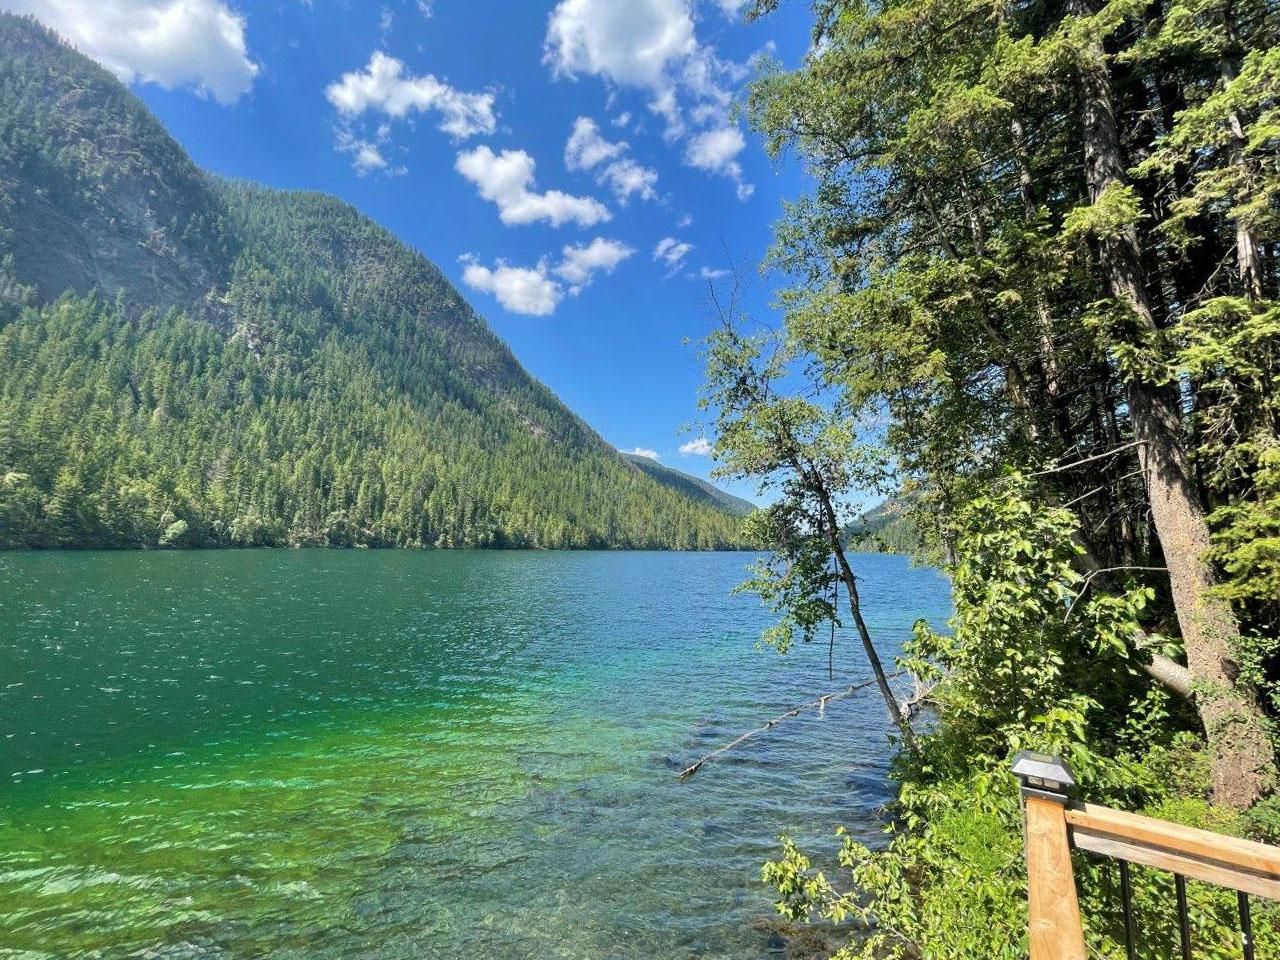 Echo lake resort 21